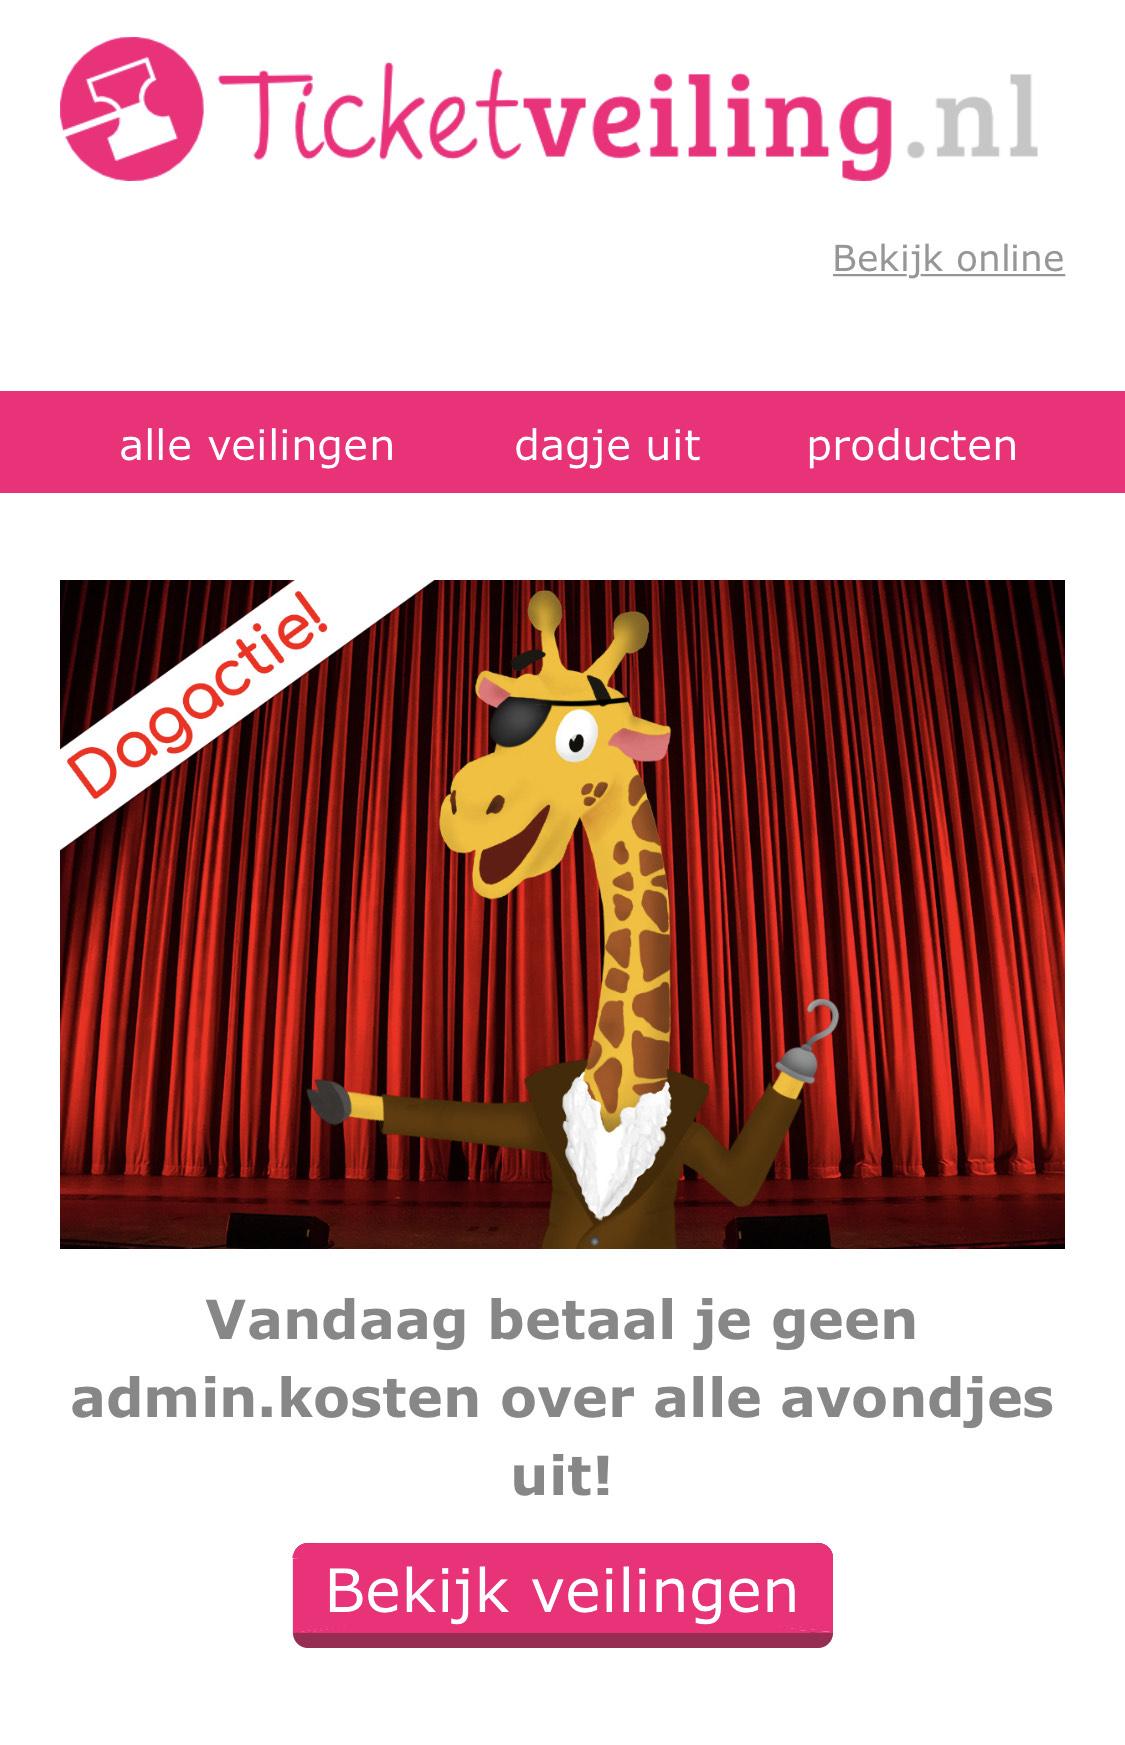 Geen administratiekosten tot 23:59 op Ticketveiling.nl